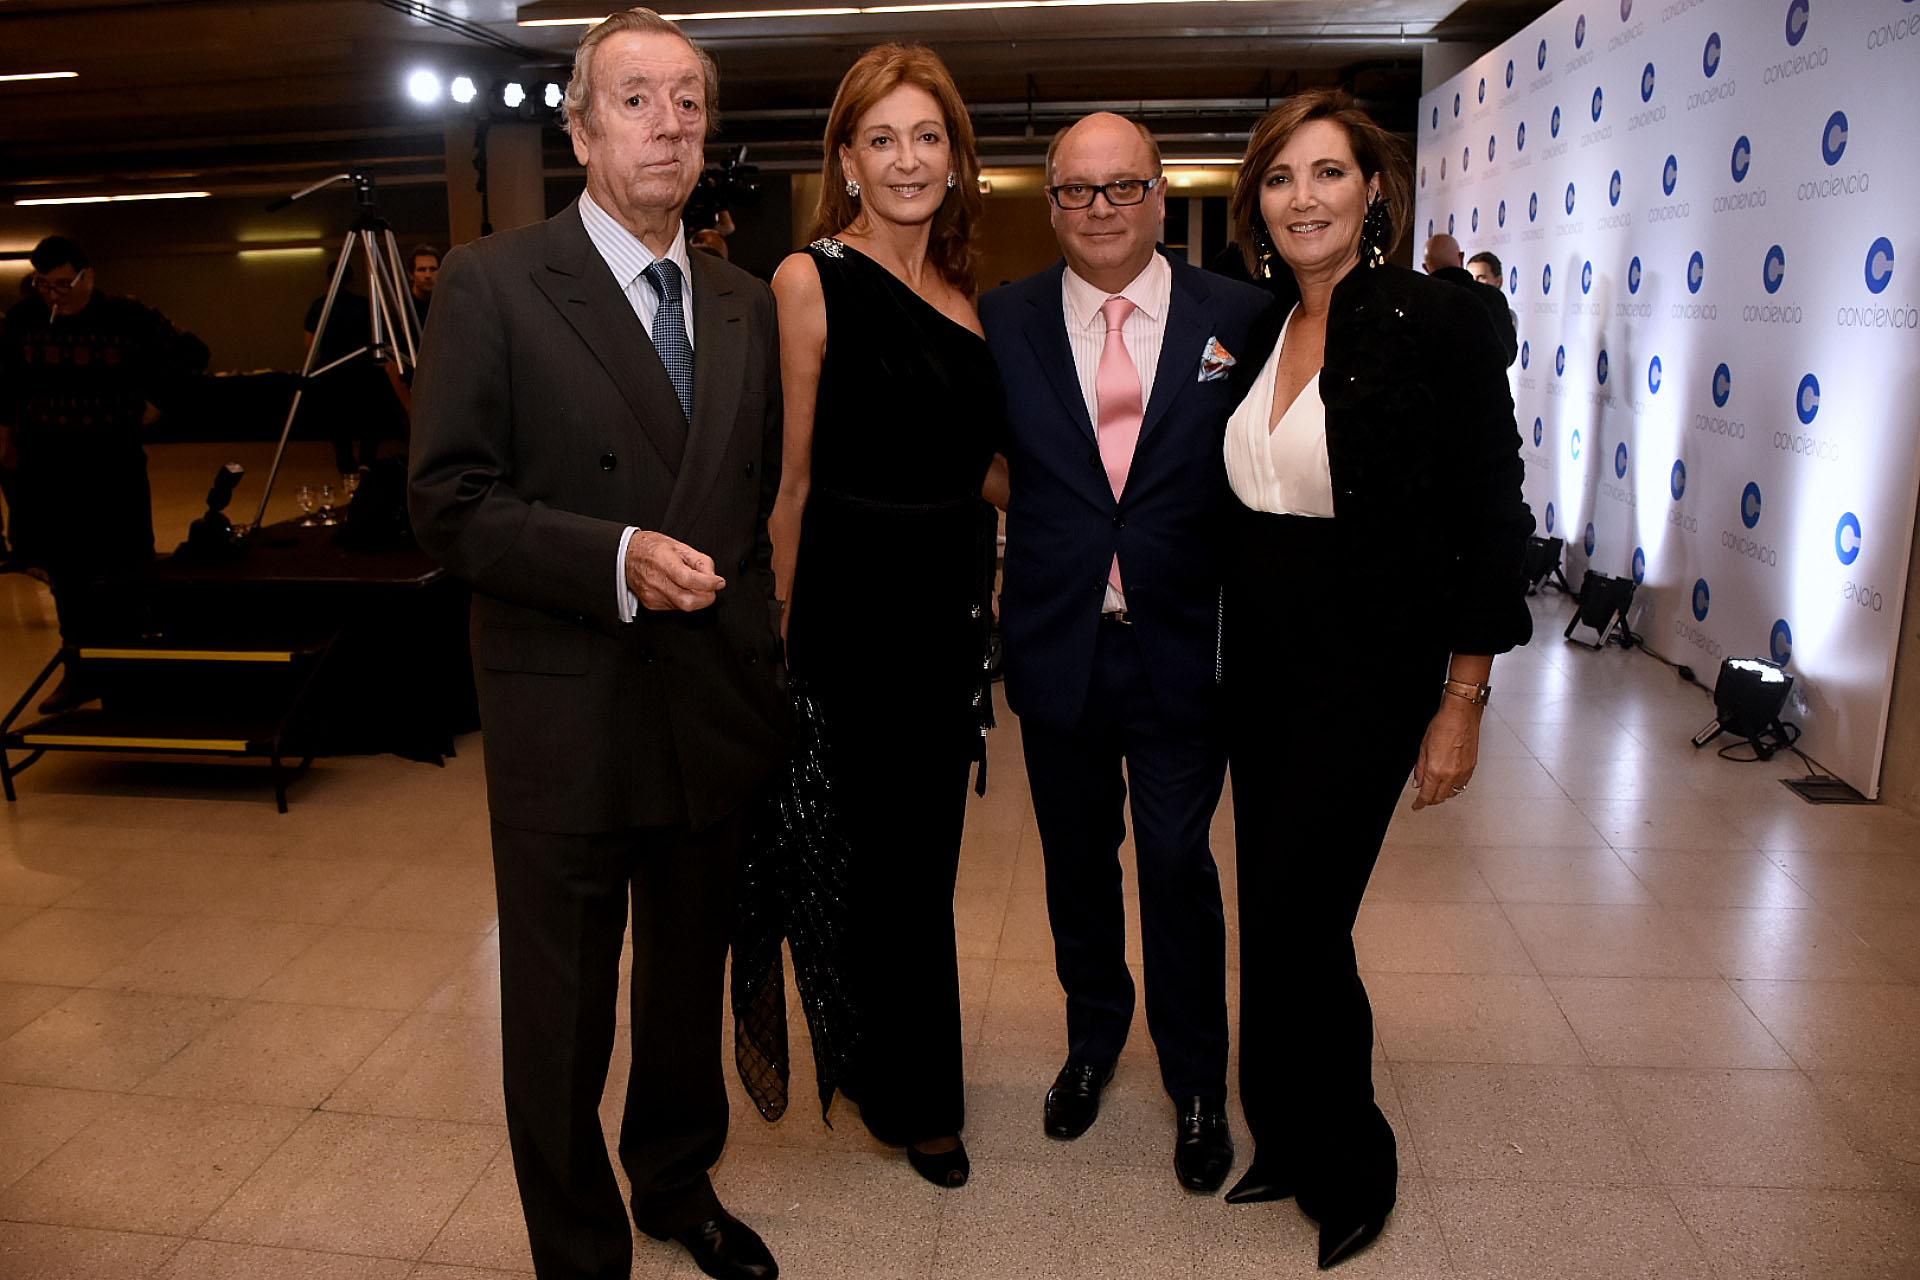 Bruno Quintana y Mariel Llorens de Quintana junto a Martín Cabrales y Dora Sánchez